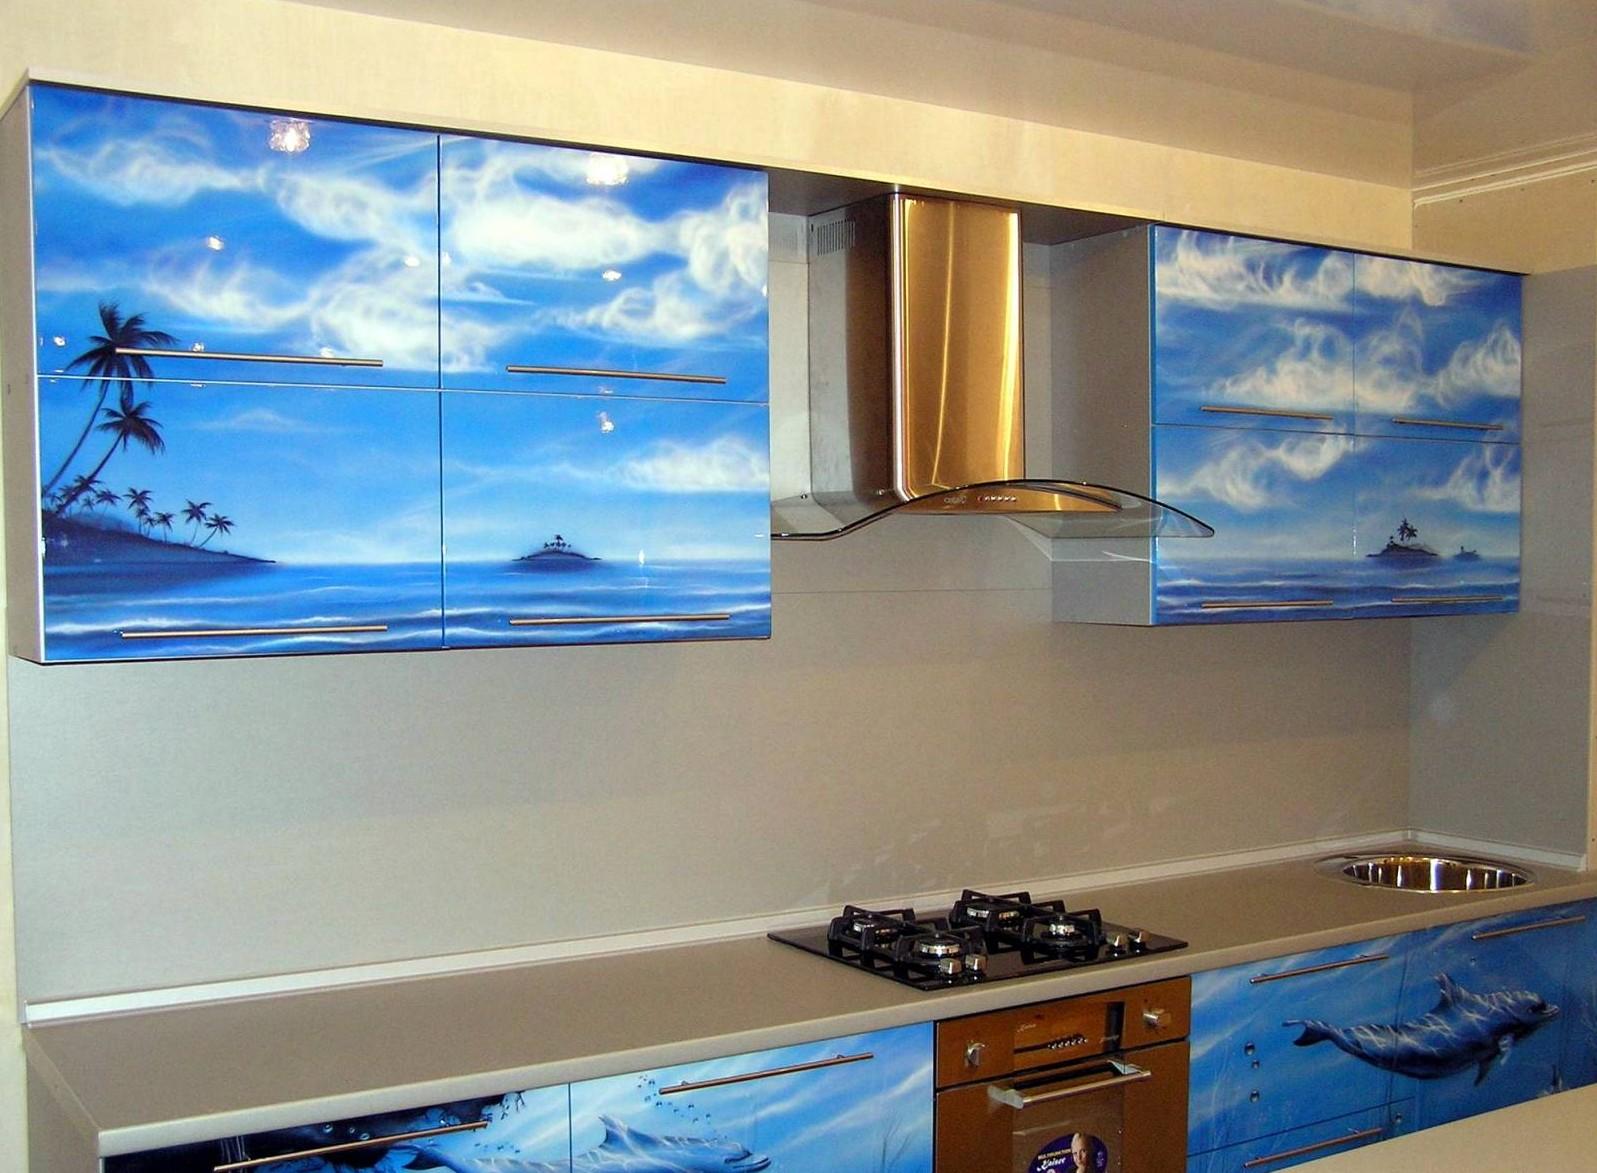 06.Можно нанести рисунок как на верхние, так и на нижние фасады кухни.